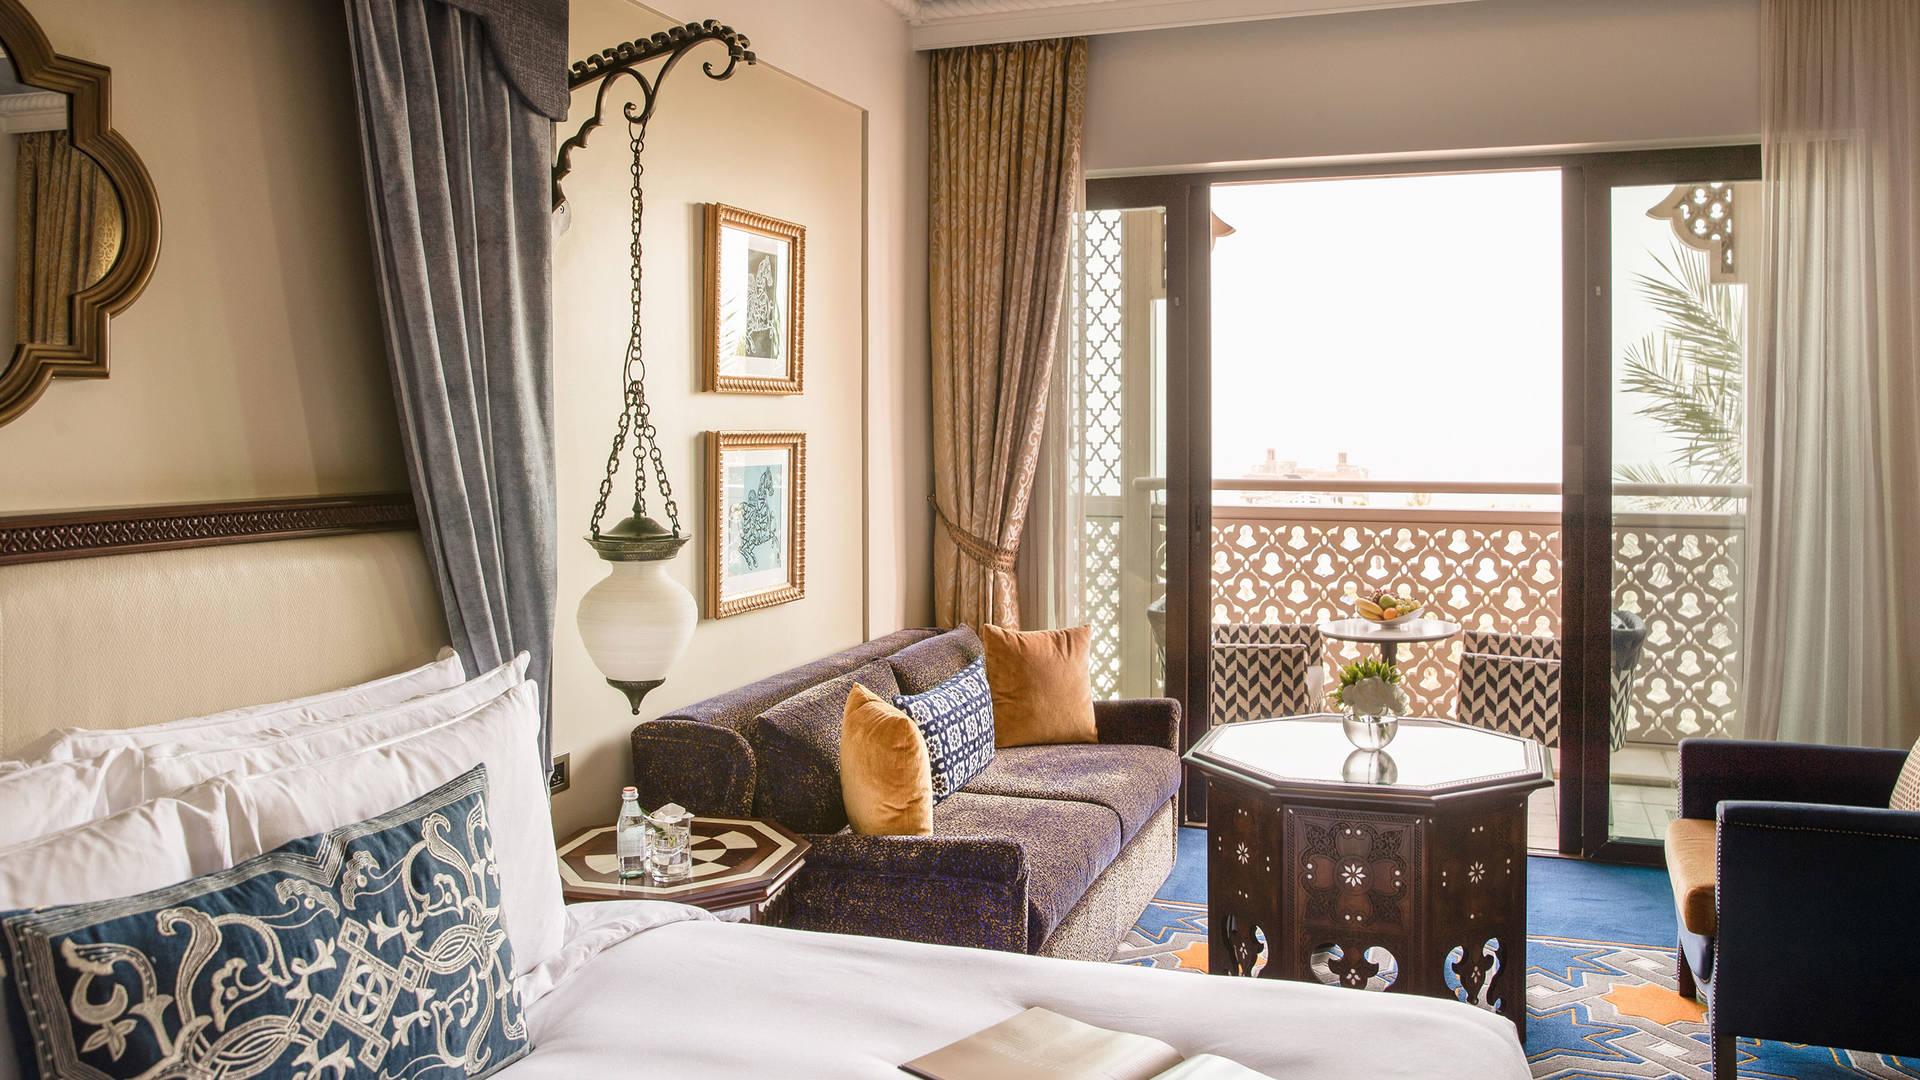 Executive Ocean Room Jumeirah Al Qasr